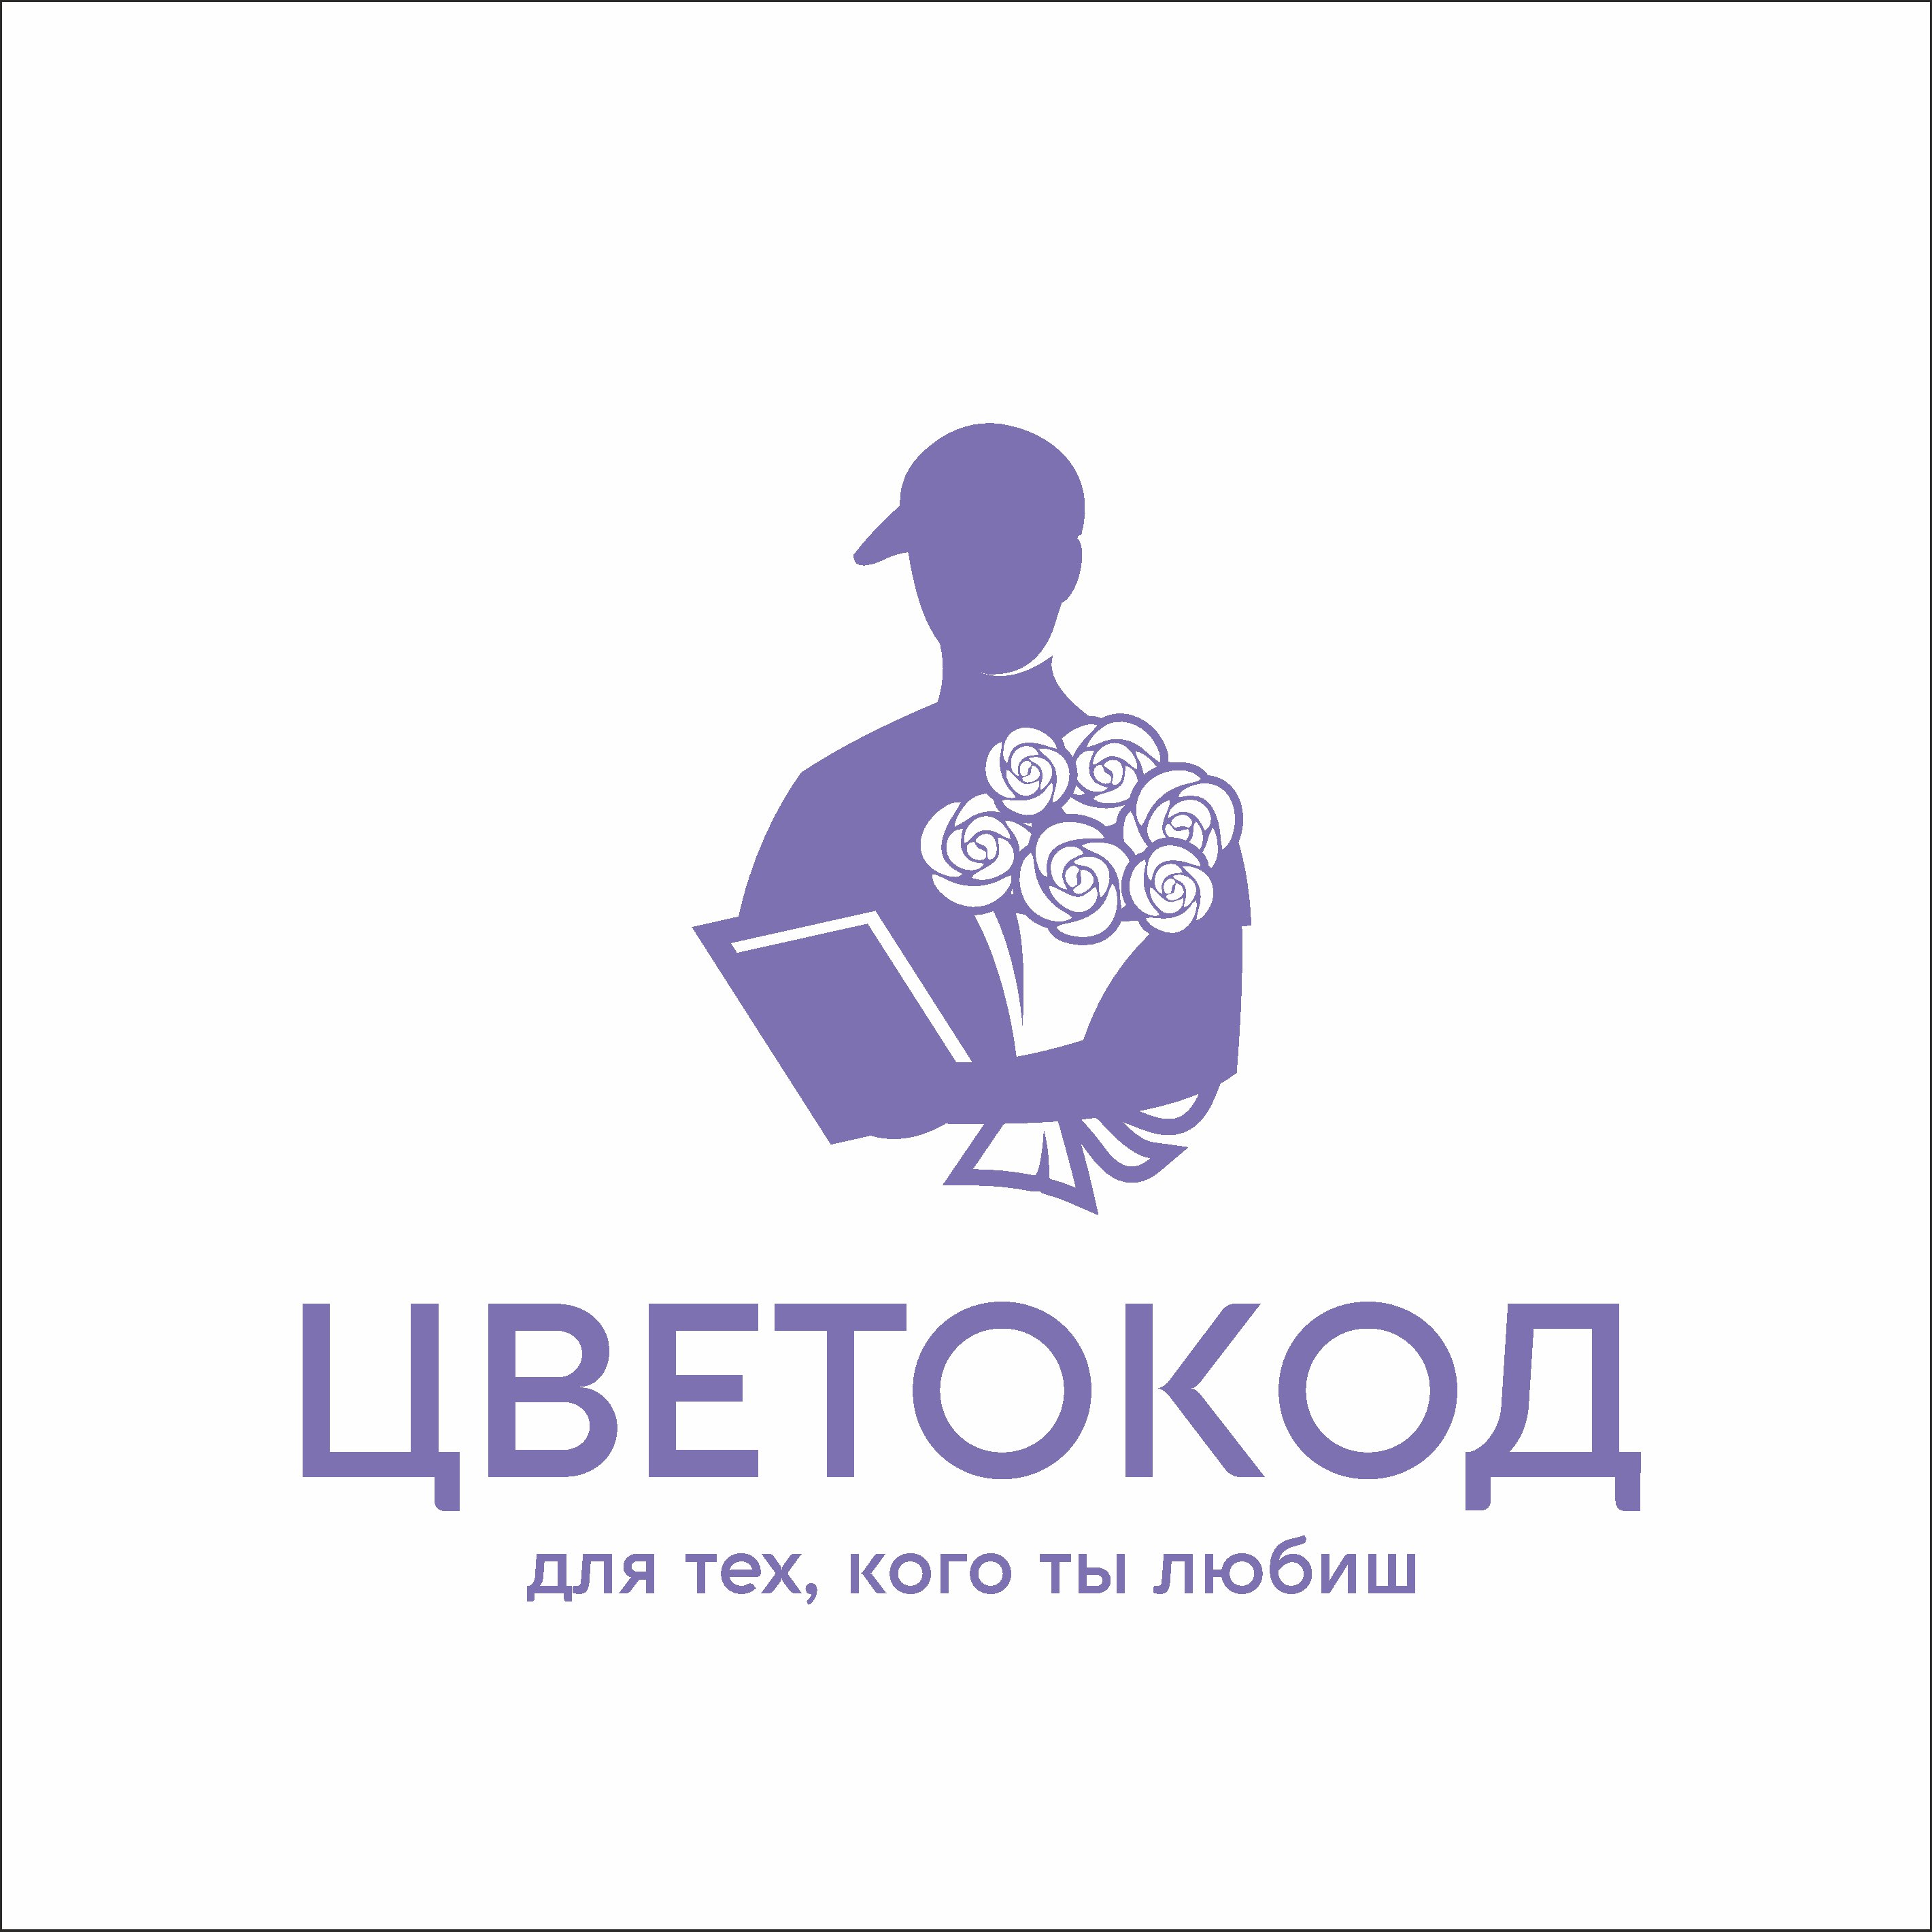 Логотип для ЦВЕТОКОД  фото f_5705d0676f4b65b9.jpg